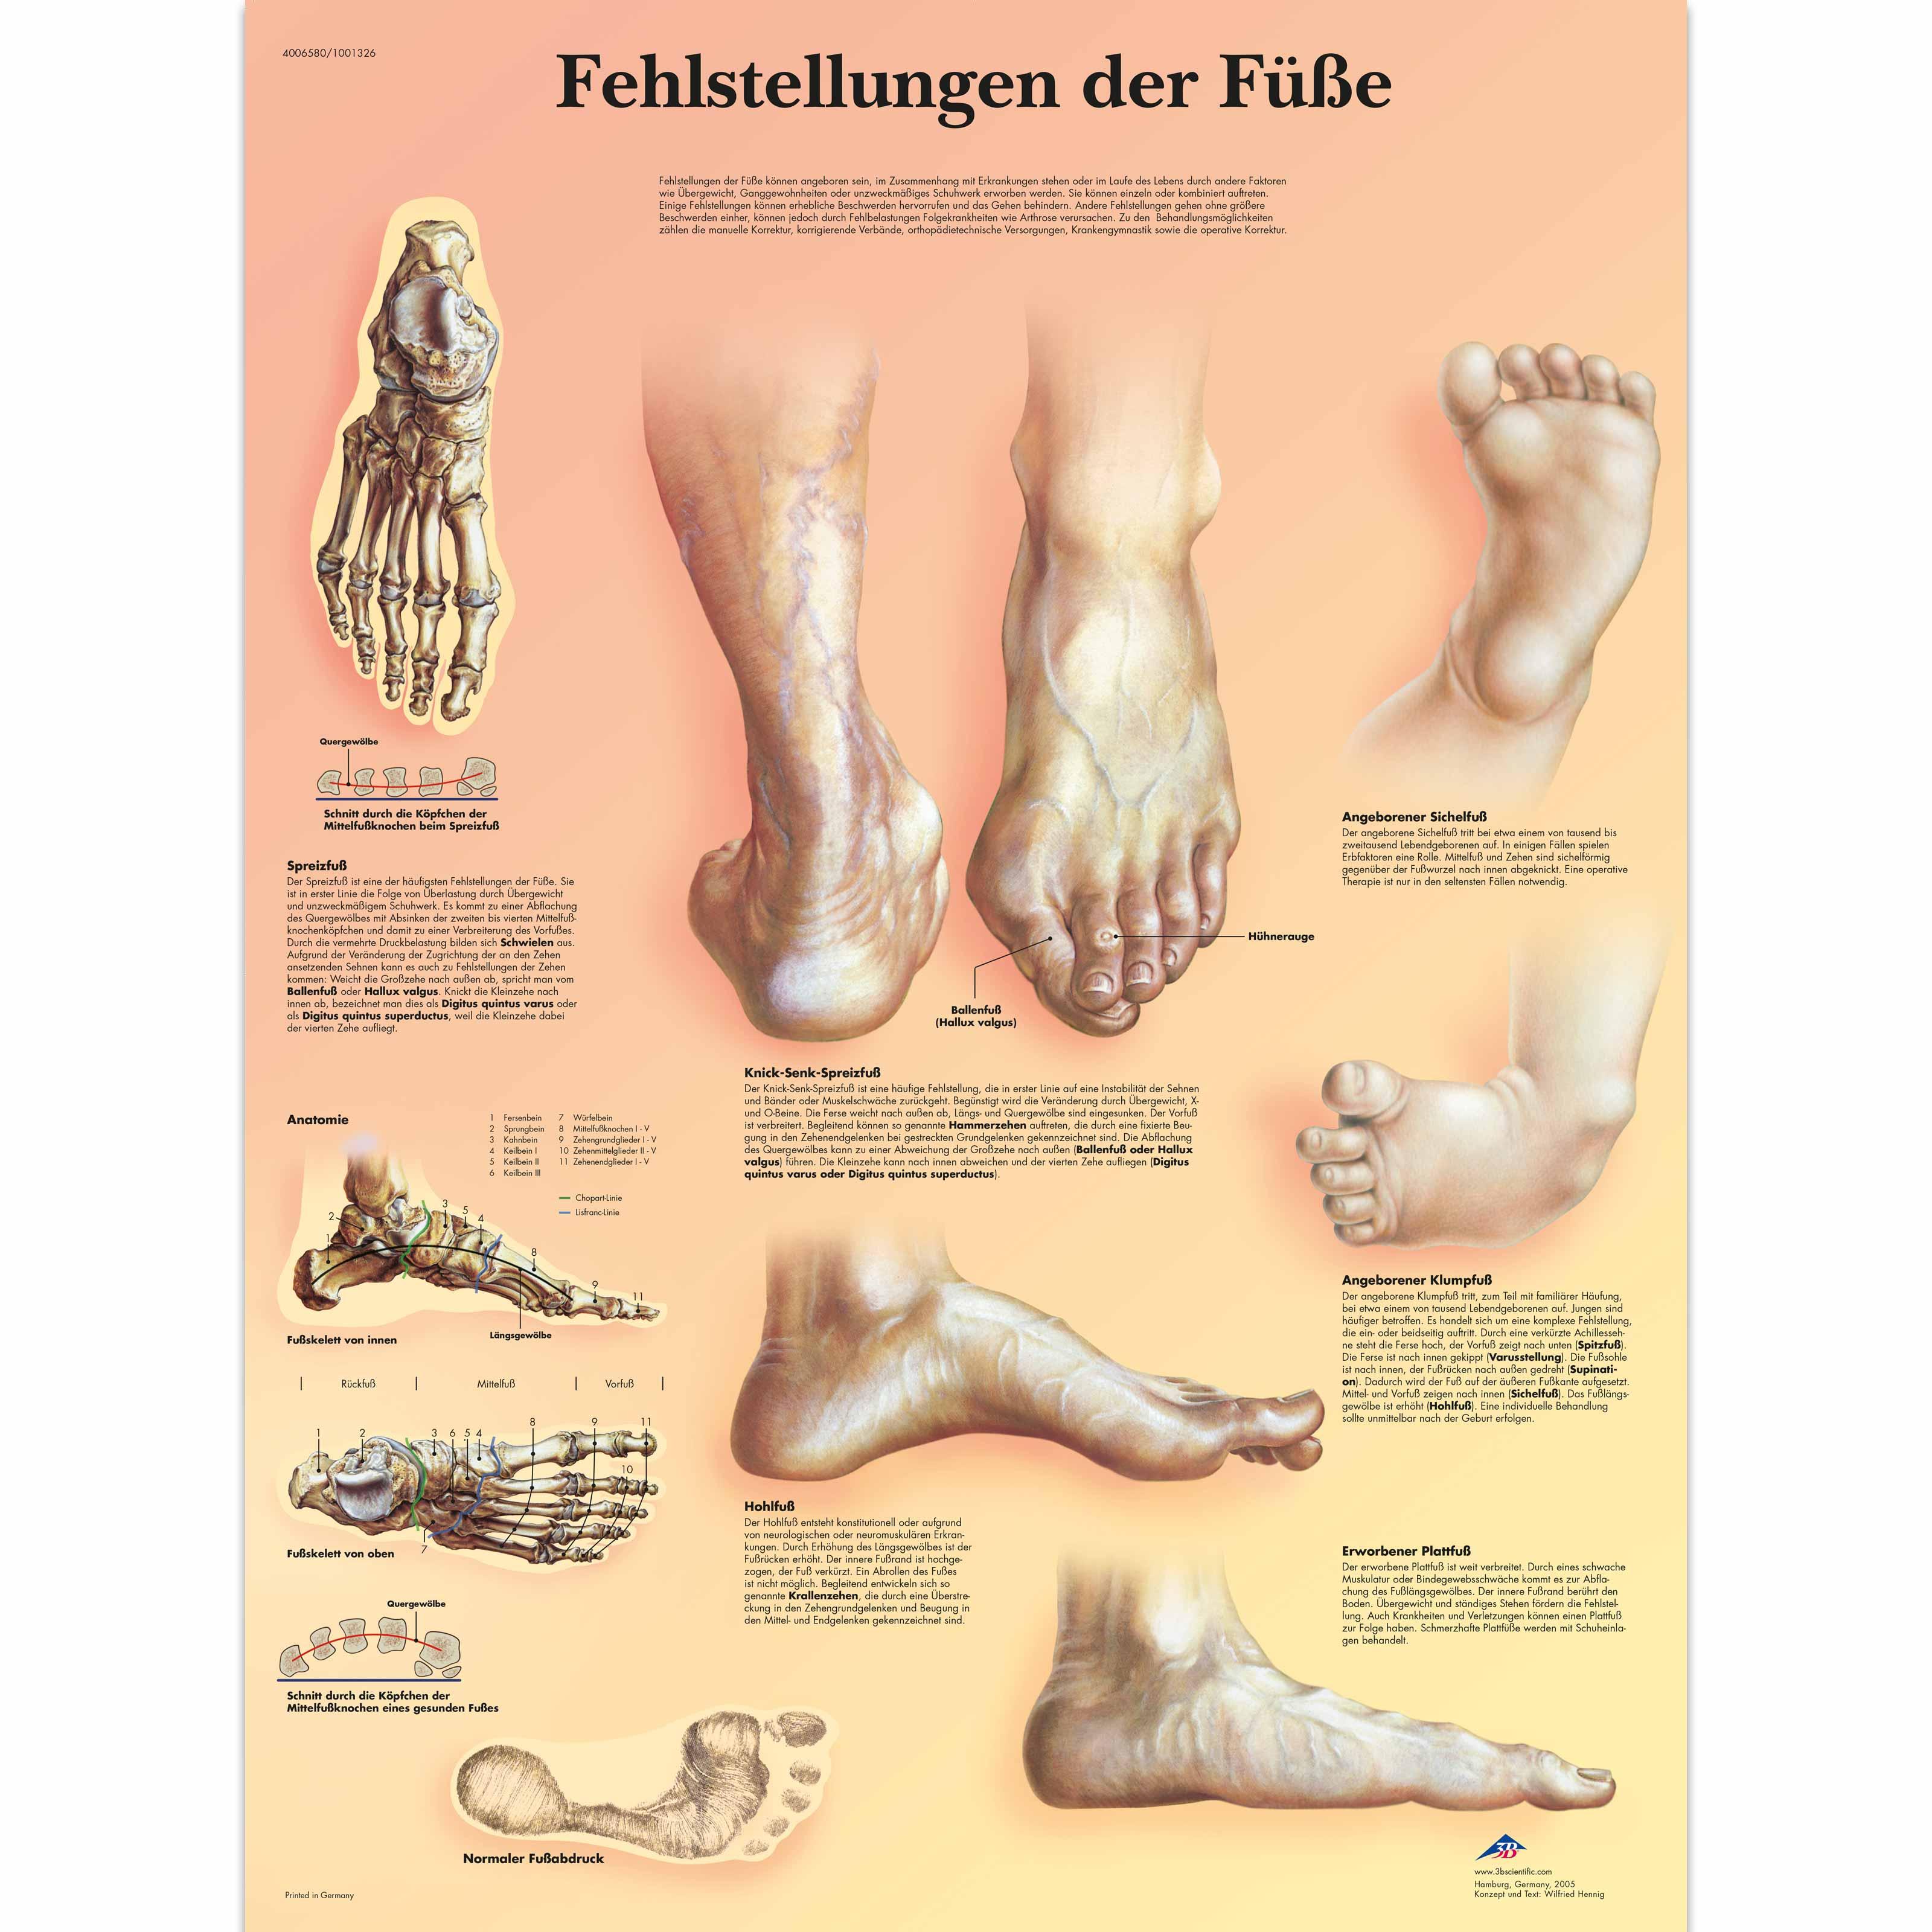 Lehrtafel - Fehlstellungen der Füße - 1001326 - VR0185L ...